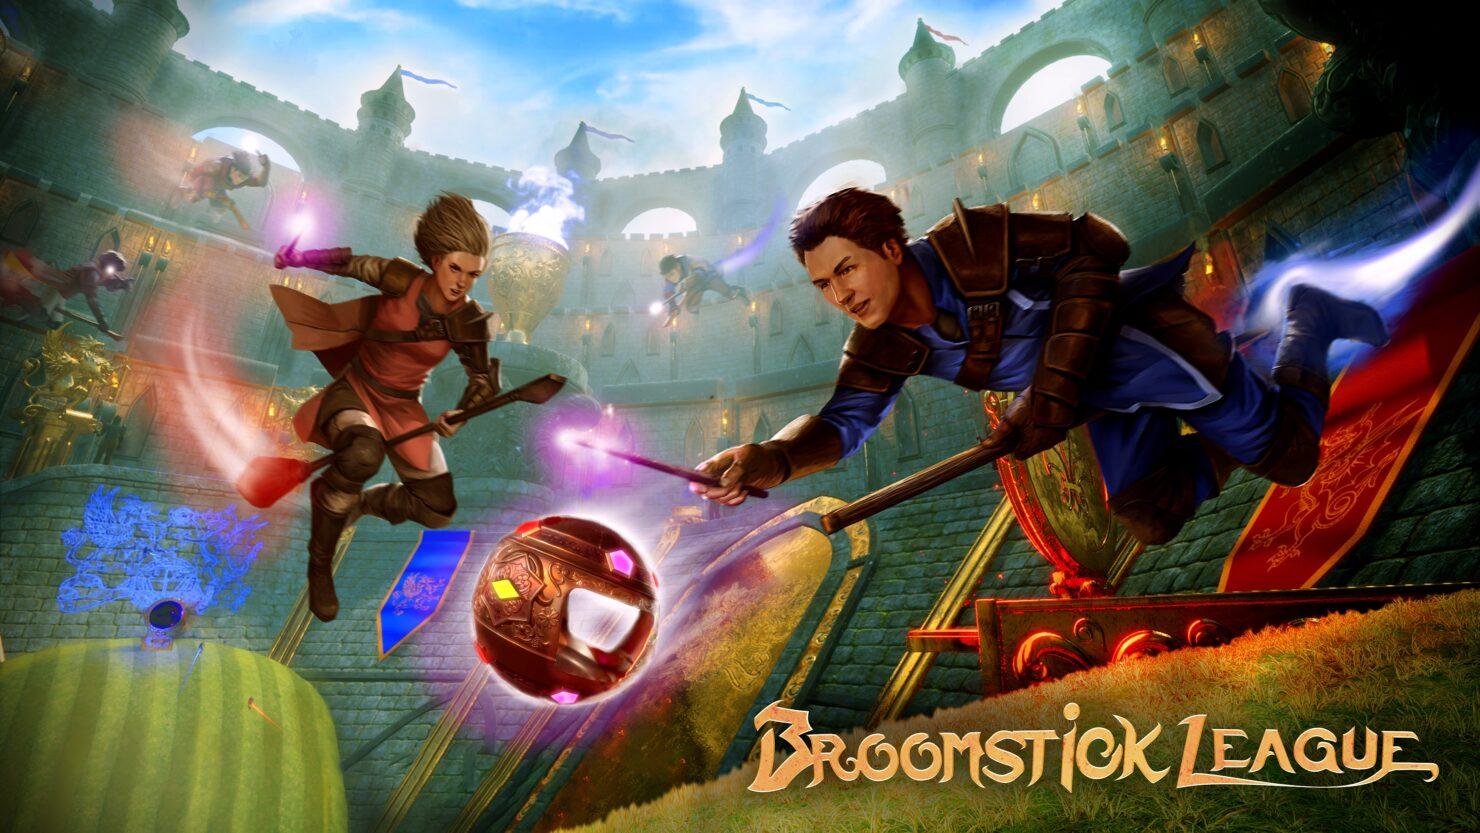 Broomsticks League